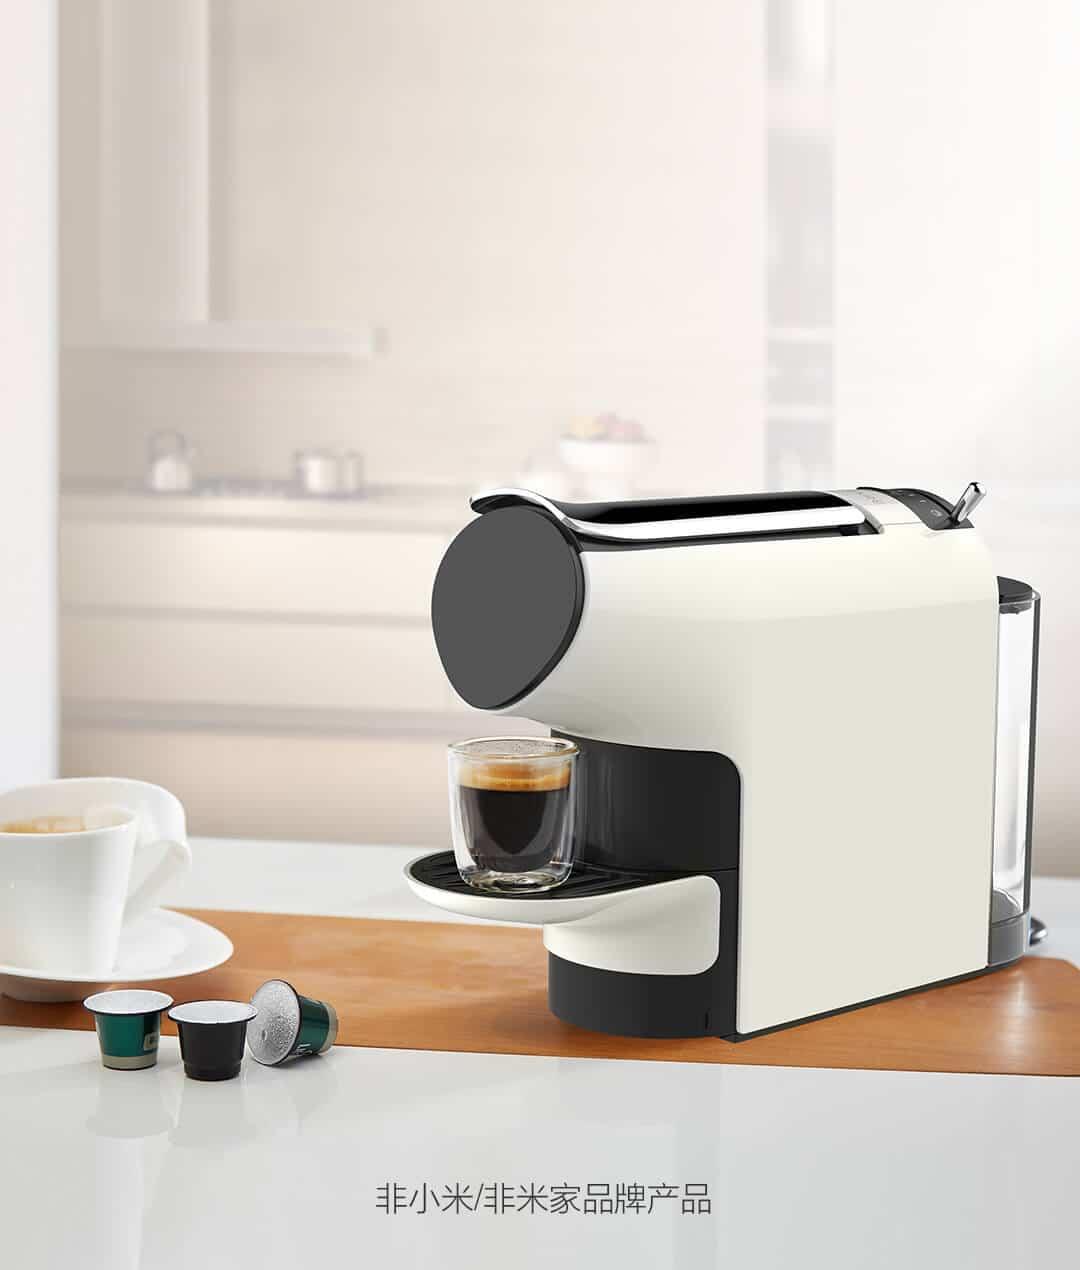 Xiaomi stellt eigene Kaffeemaschine für 55 Euro vor 1